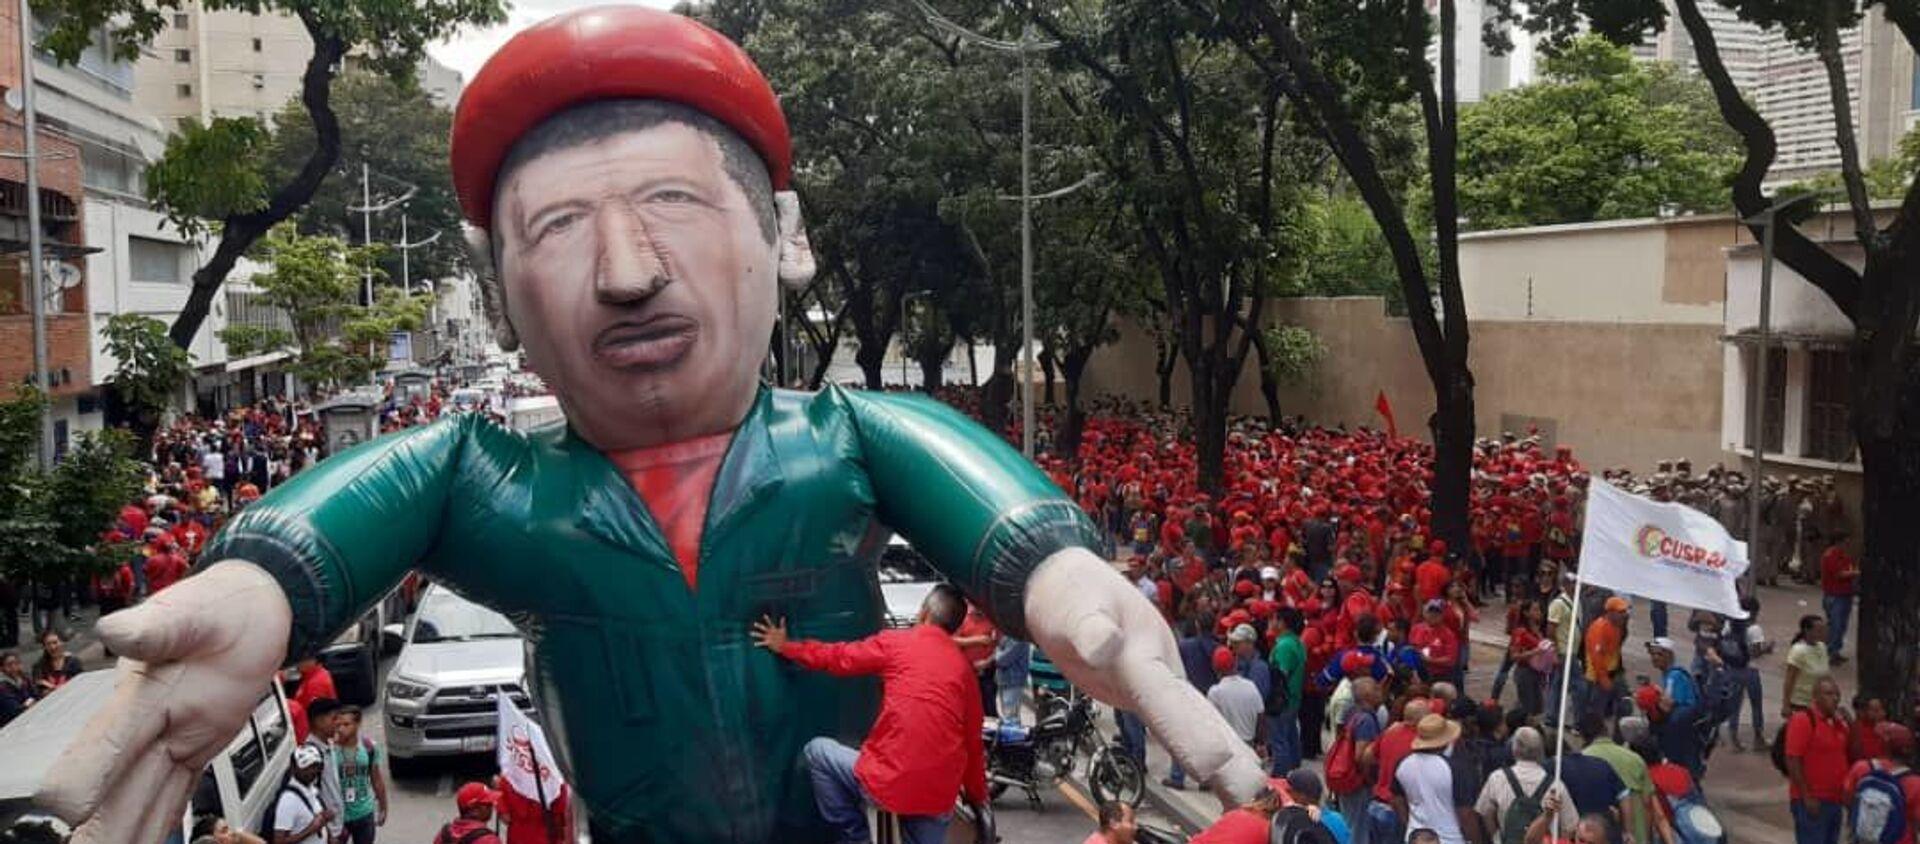 Los venezolanos salen a las calles para protestar contra el bloqueo económico - Sputnik Mundo, 1920, 30.12.2020